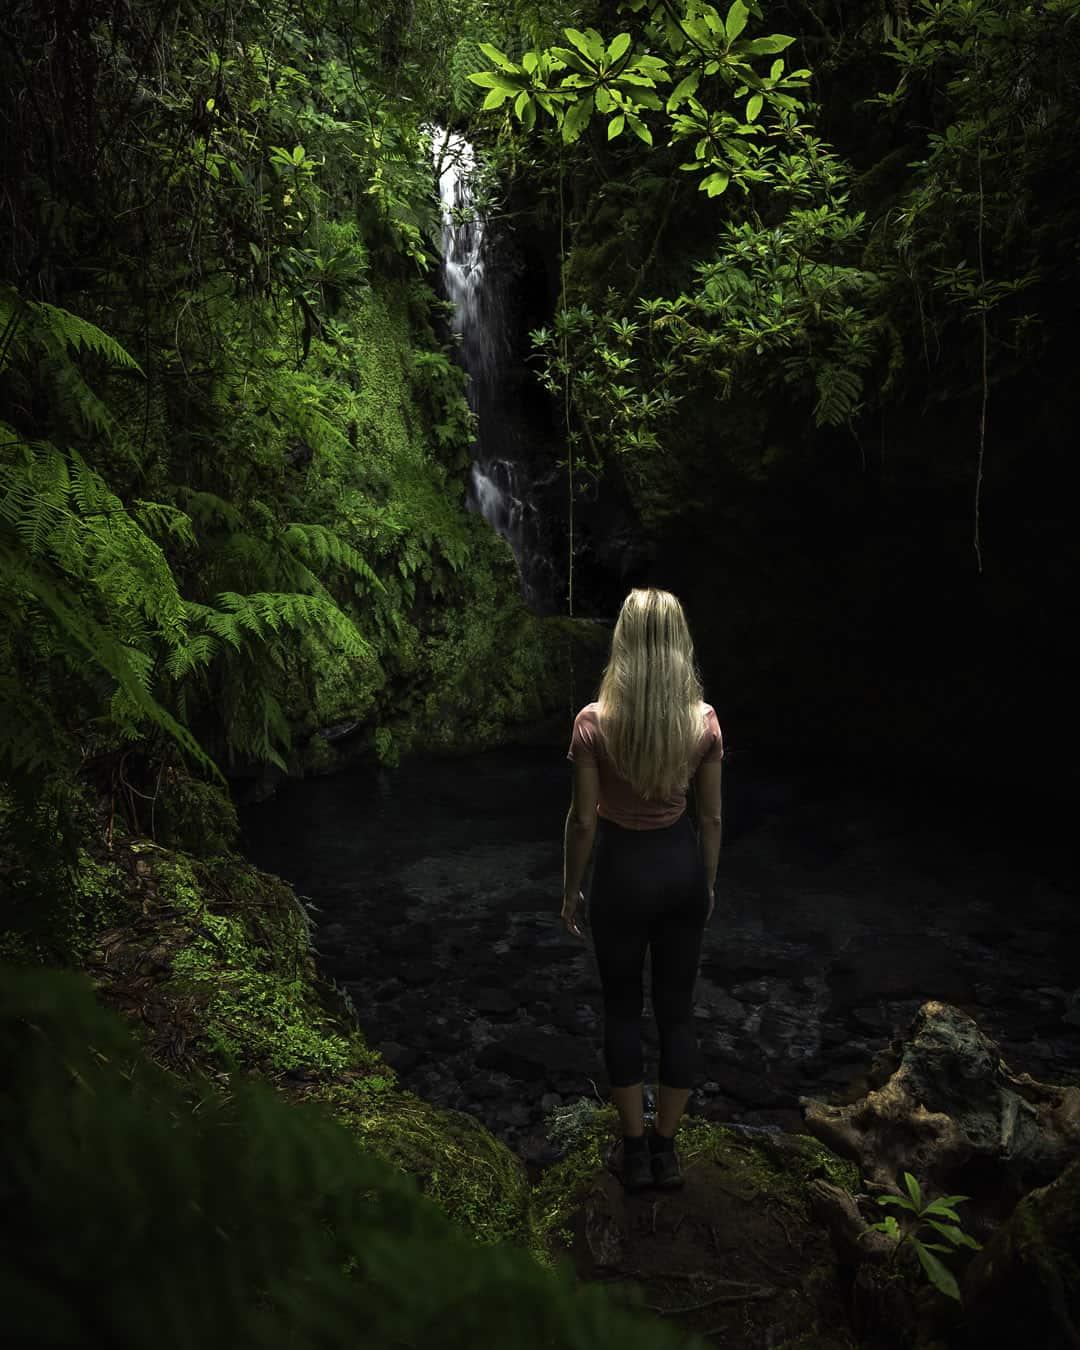 Poco-das-pulgas-waterfall